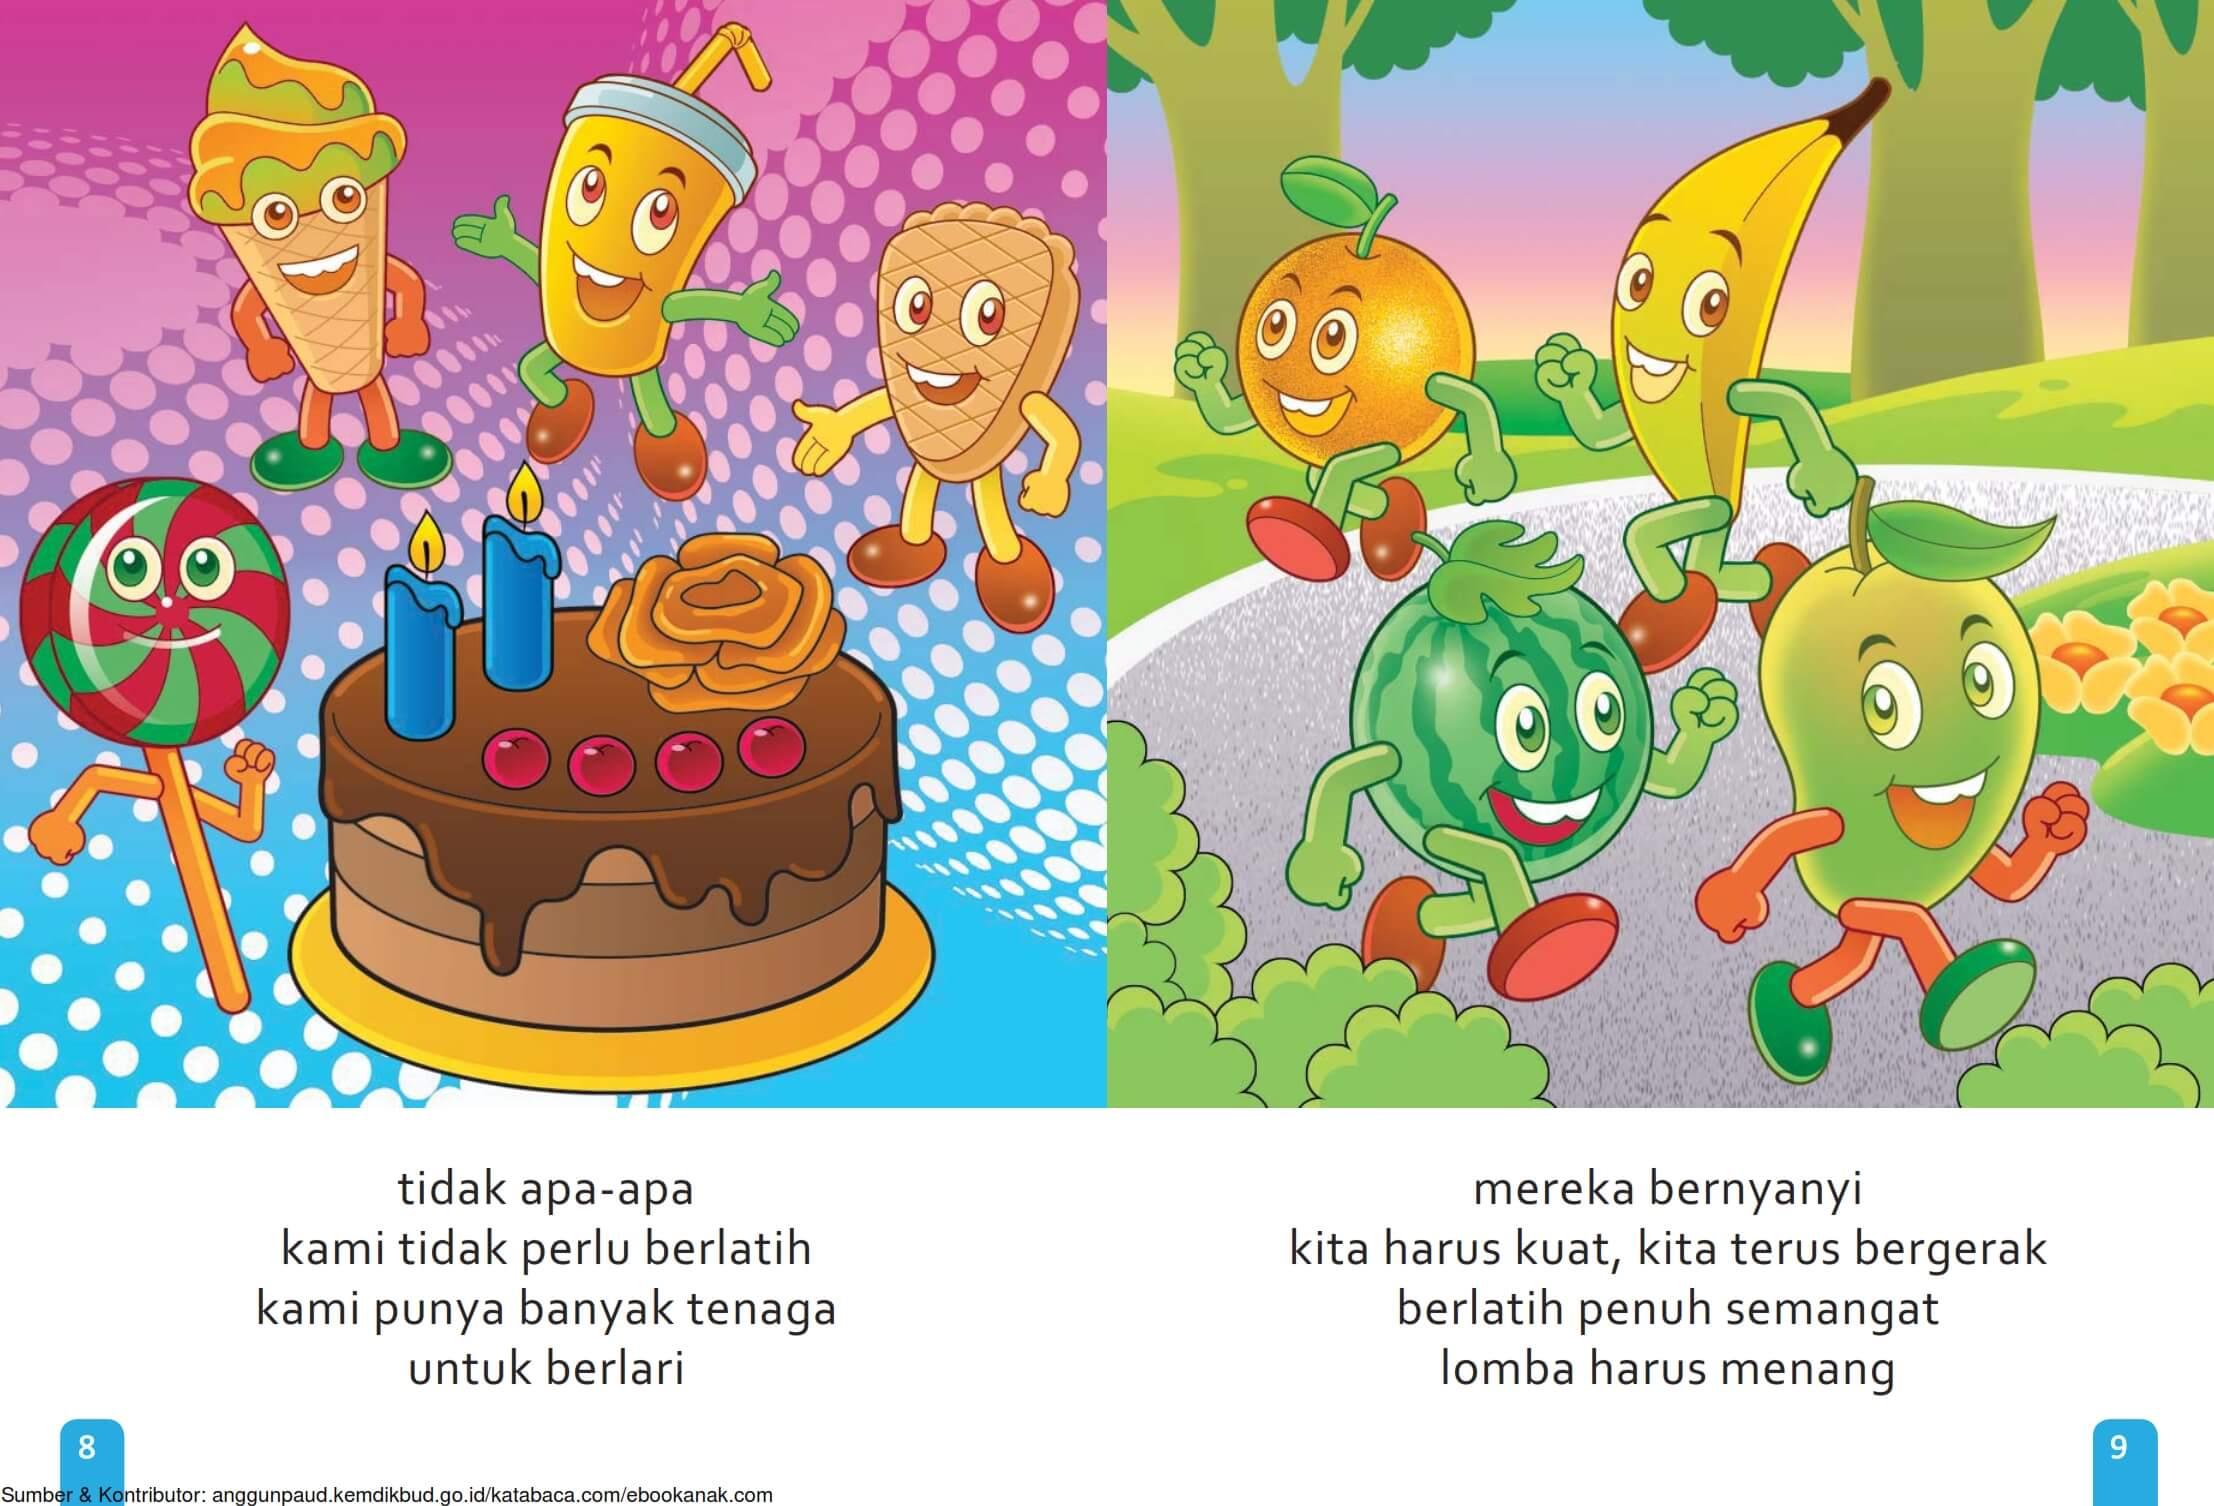 Ebook Cerita Anak, Aku Suka Buah, Malas Berlatih (7)